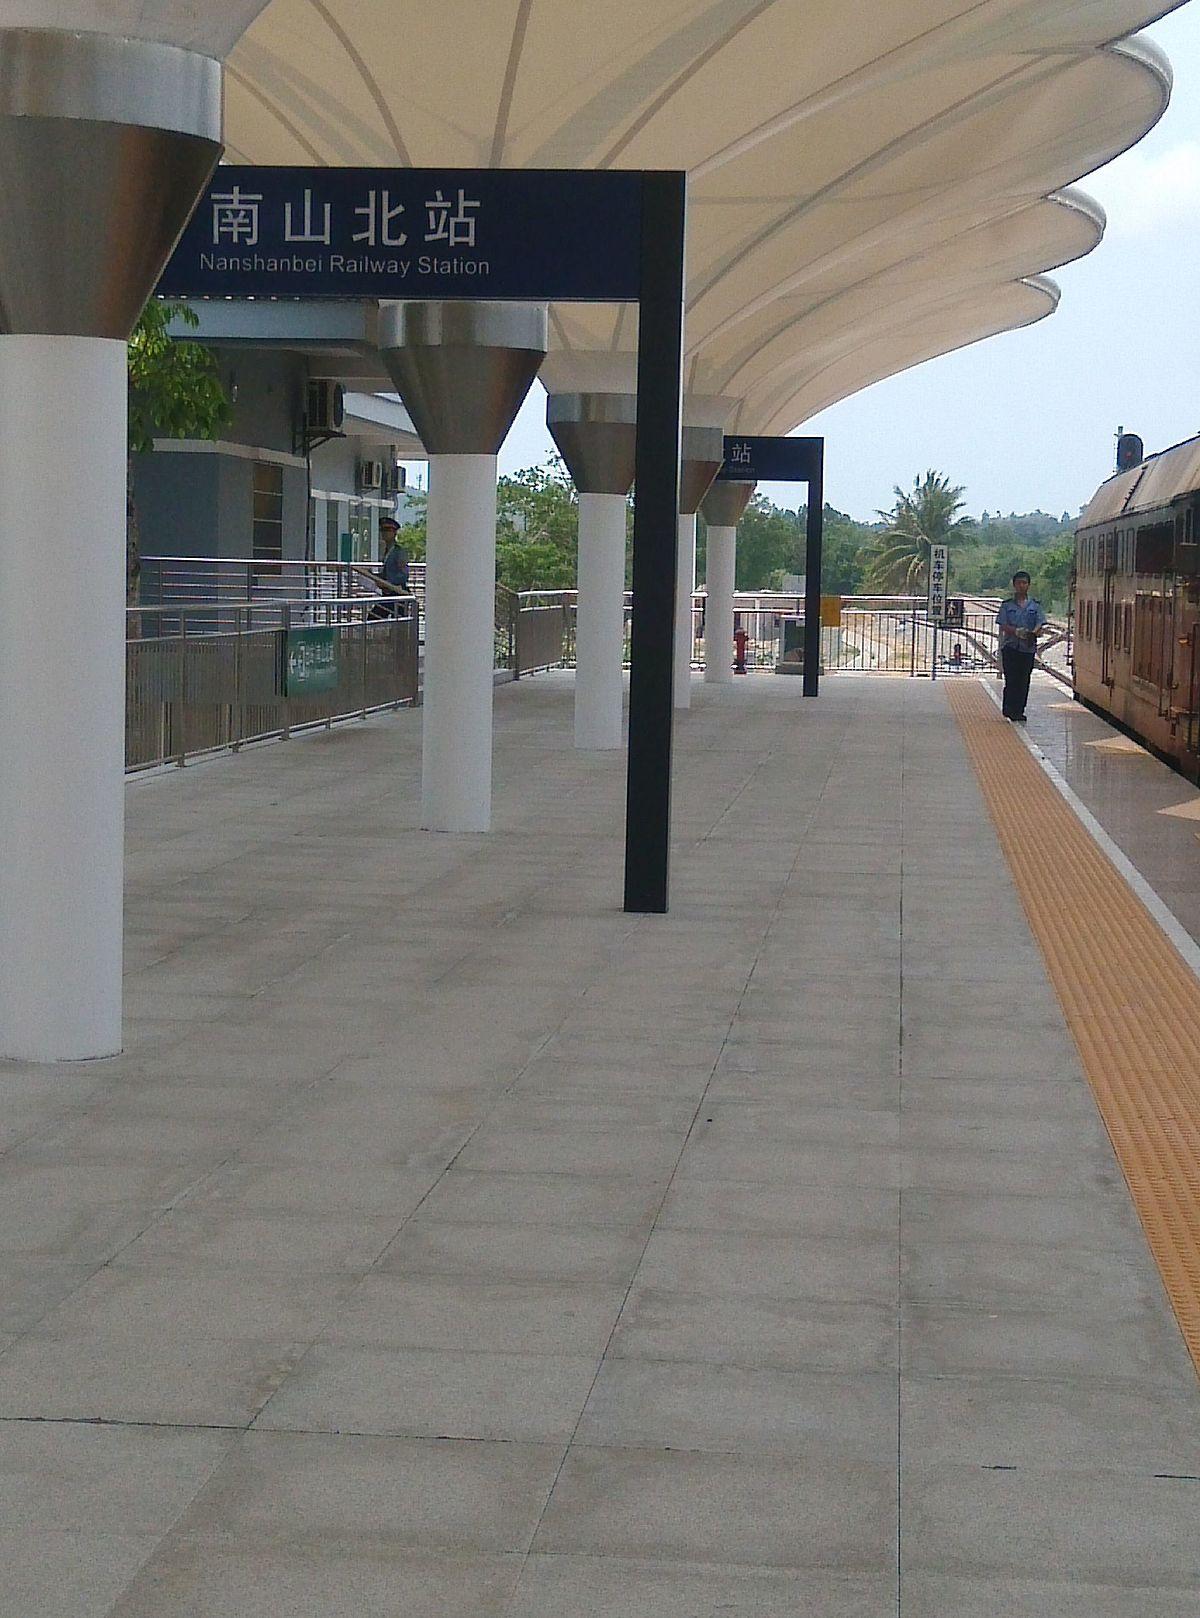 三亚火车站南山_南山北站 - 维基百科,自由的百科全书